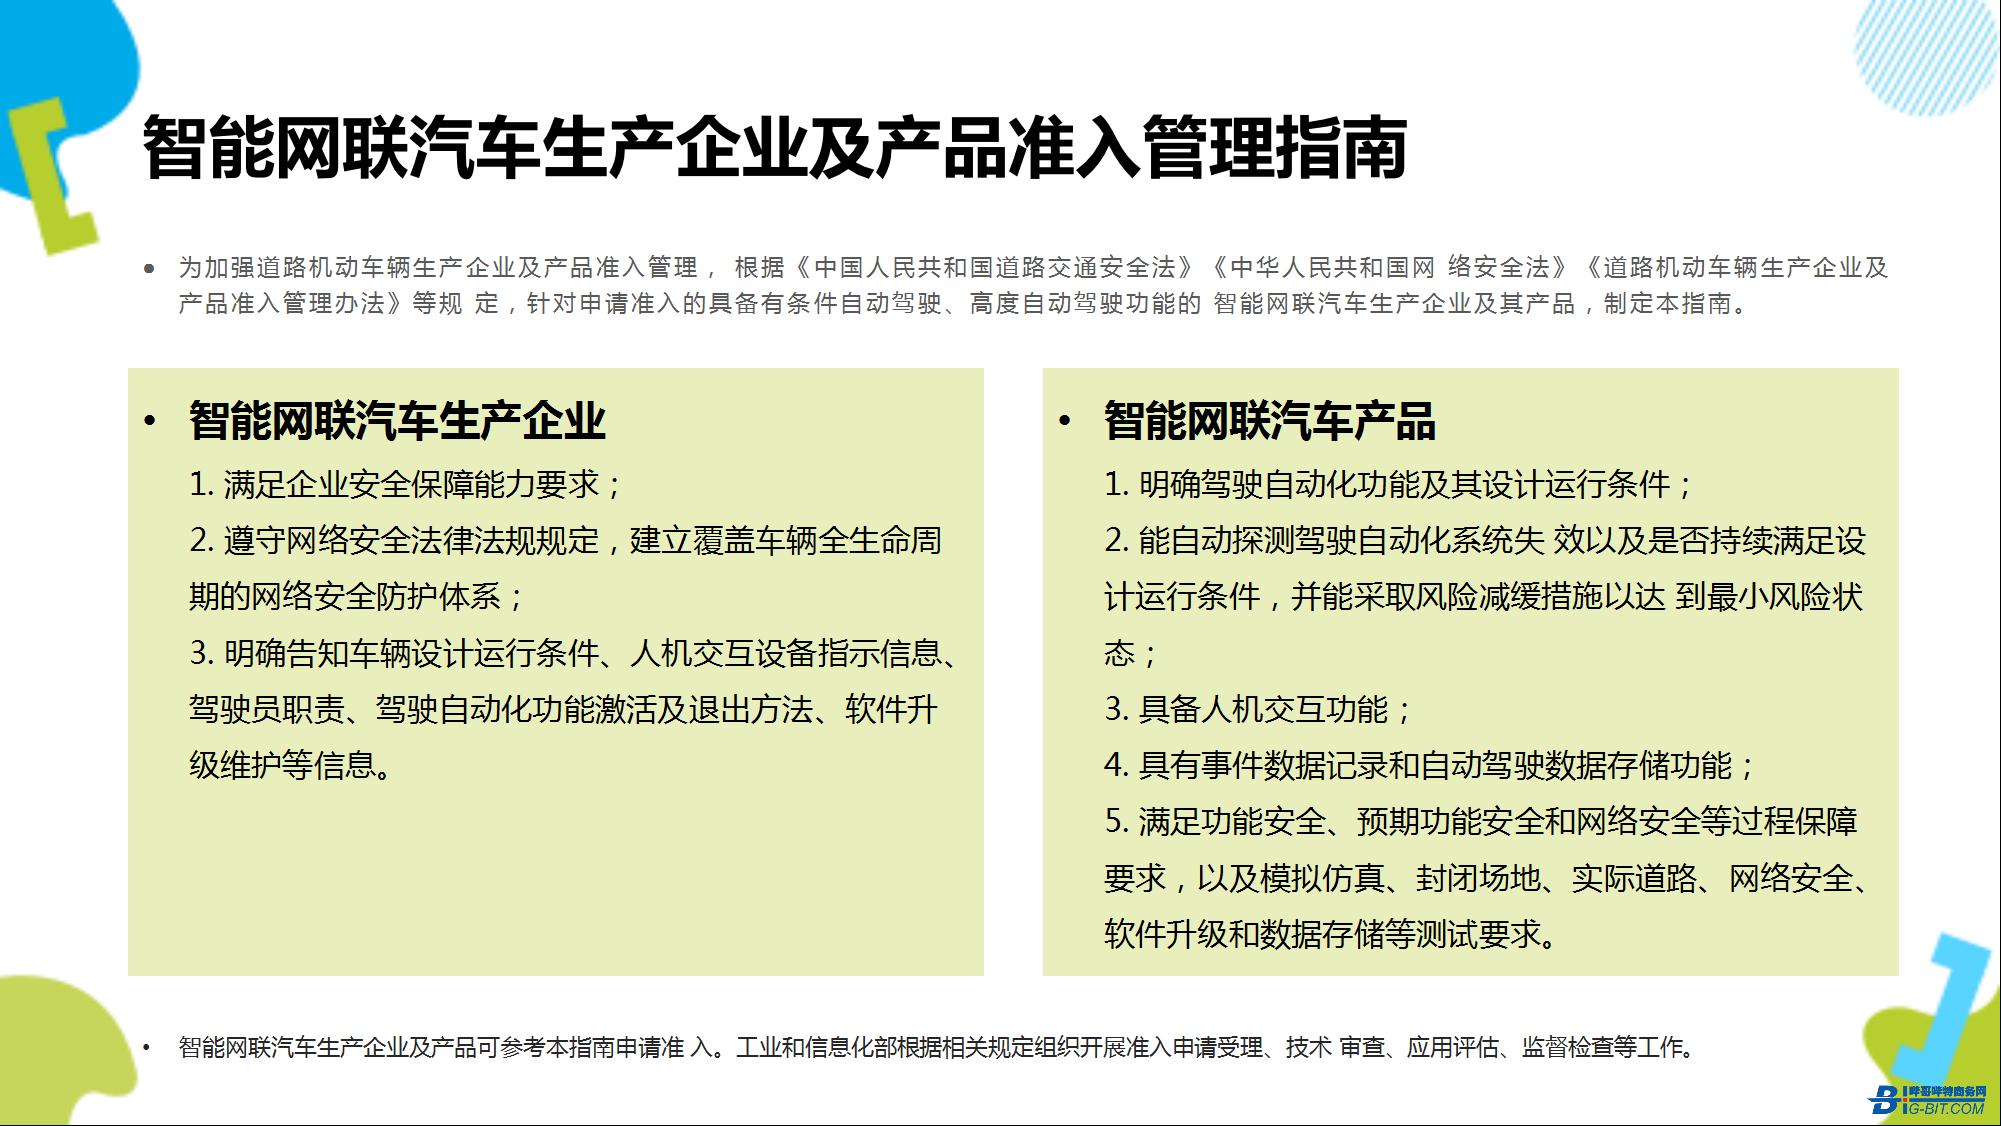 工信部公开征求智能网联汽车相关管理意见